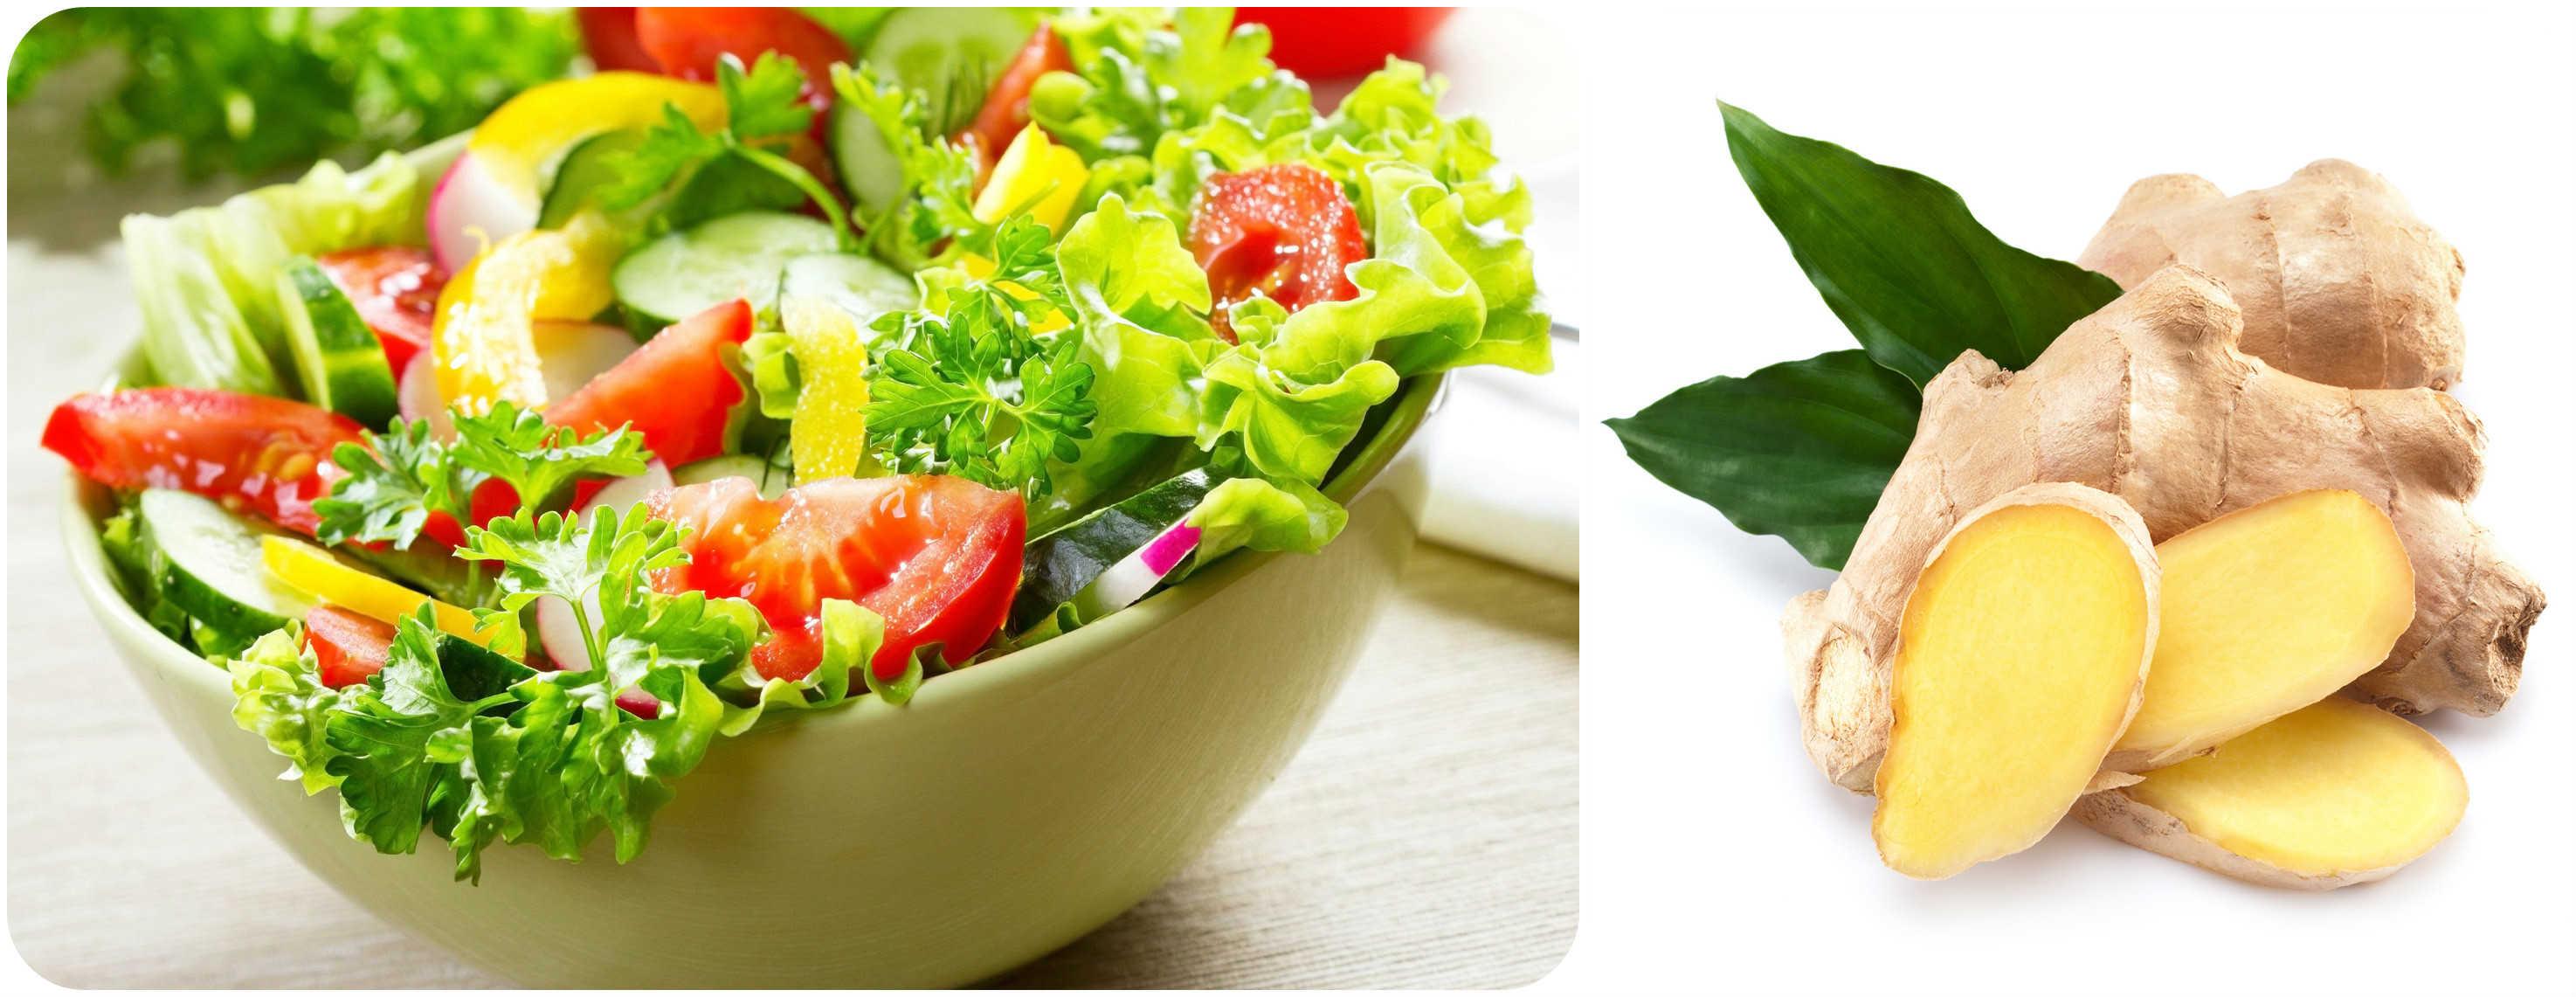 ginger-salad